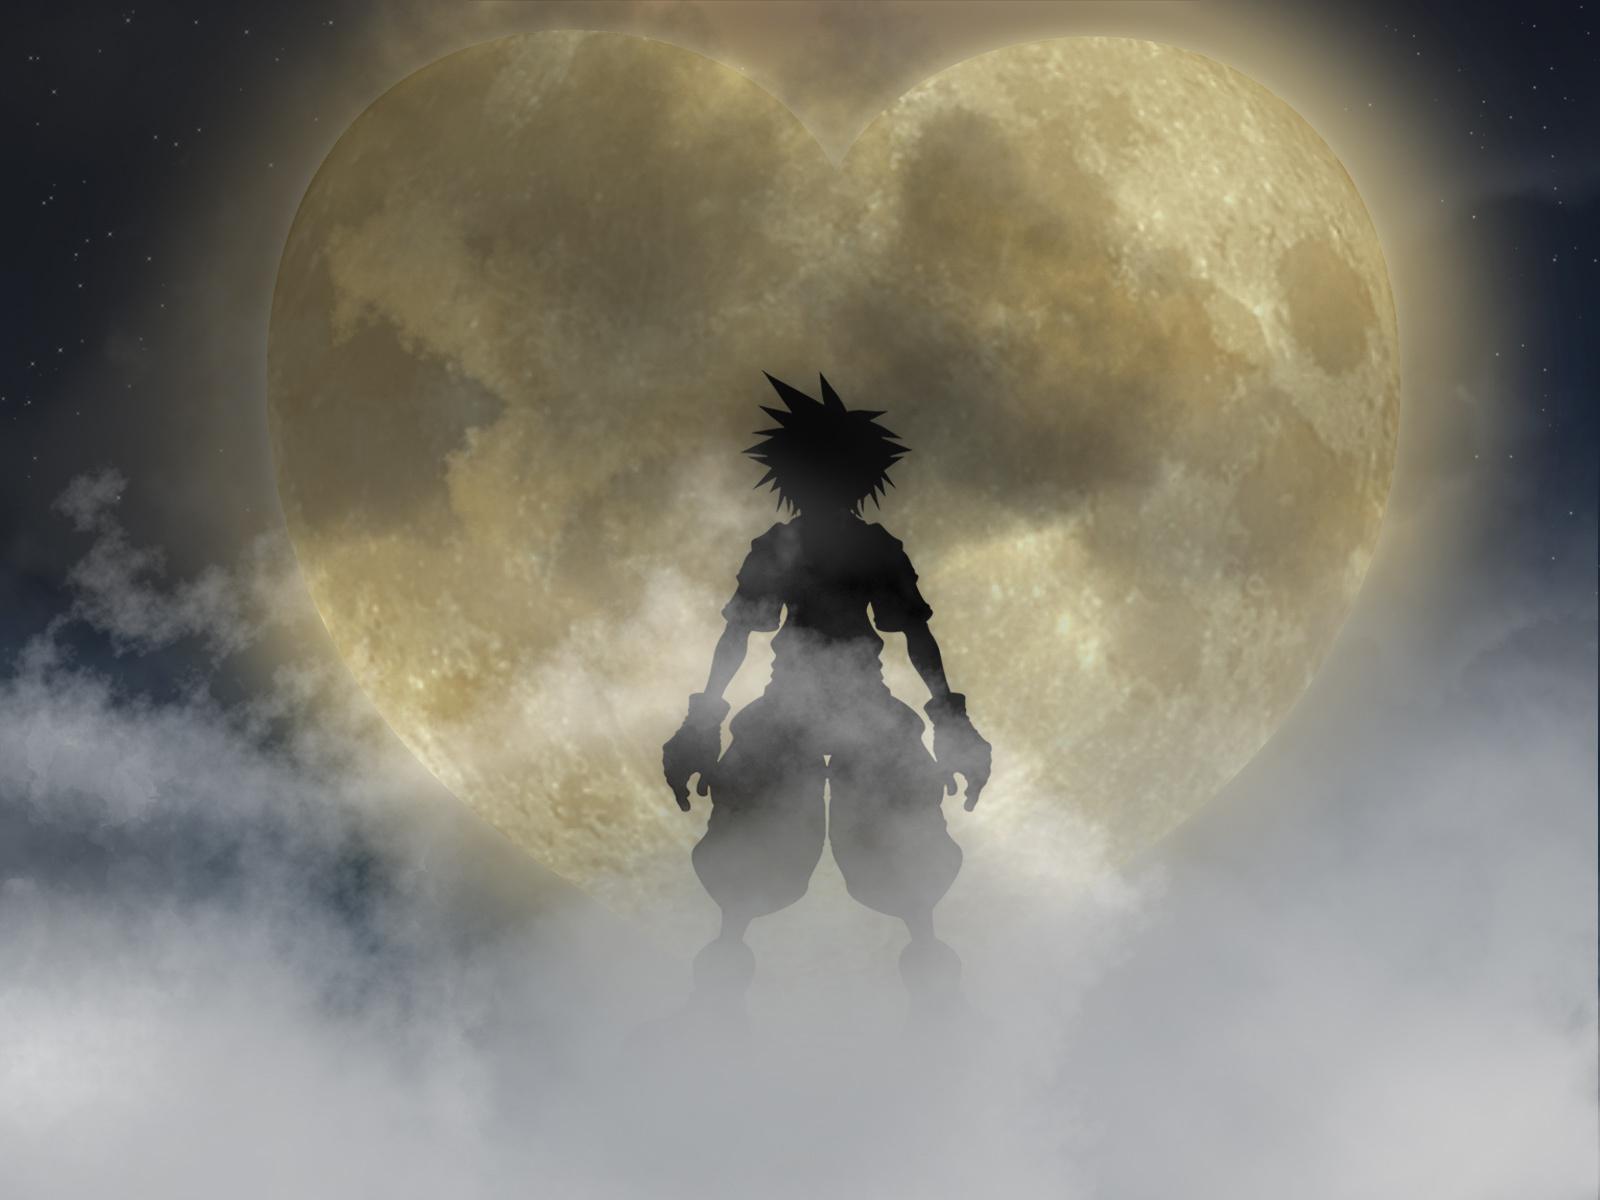 Kingdom Hearts fond d'écran